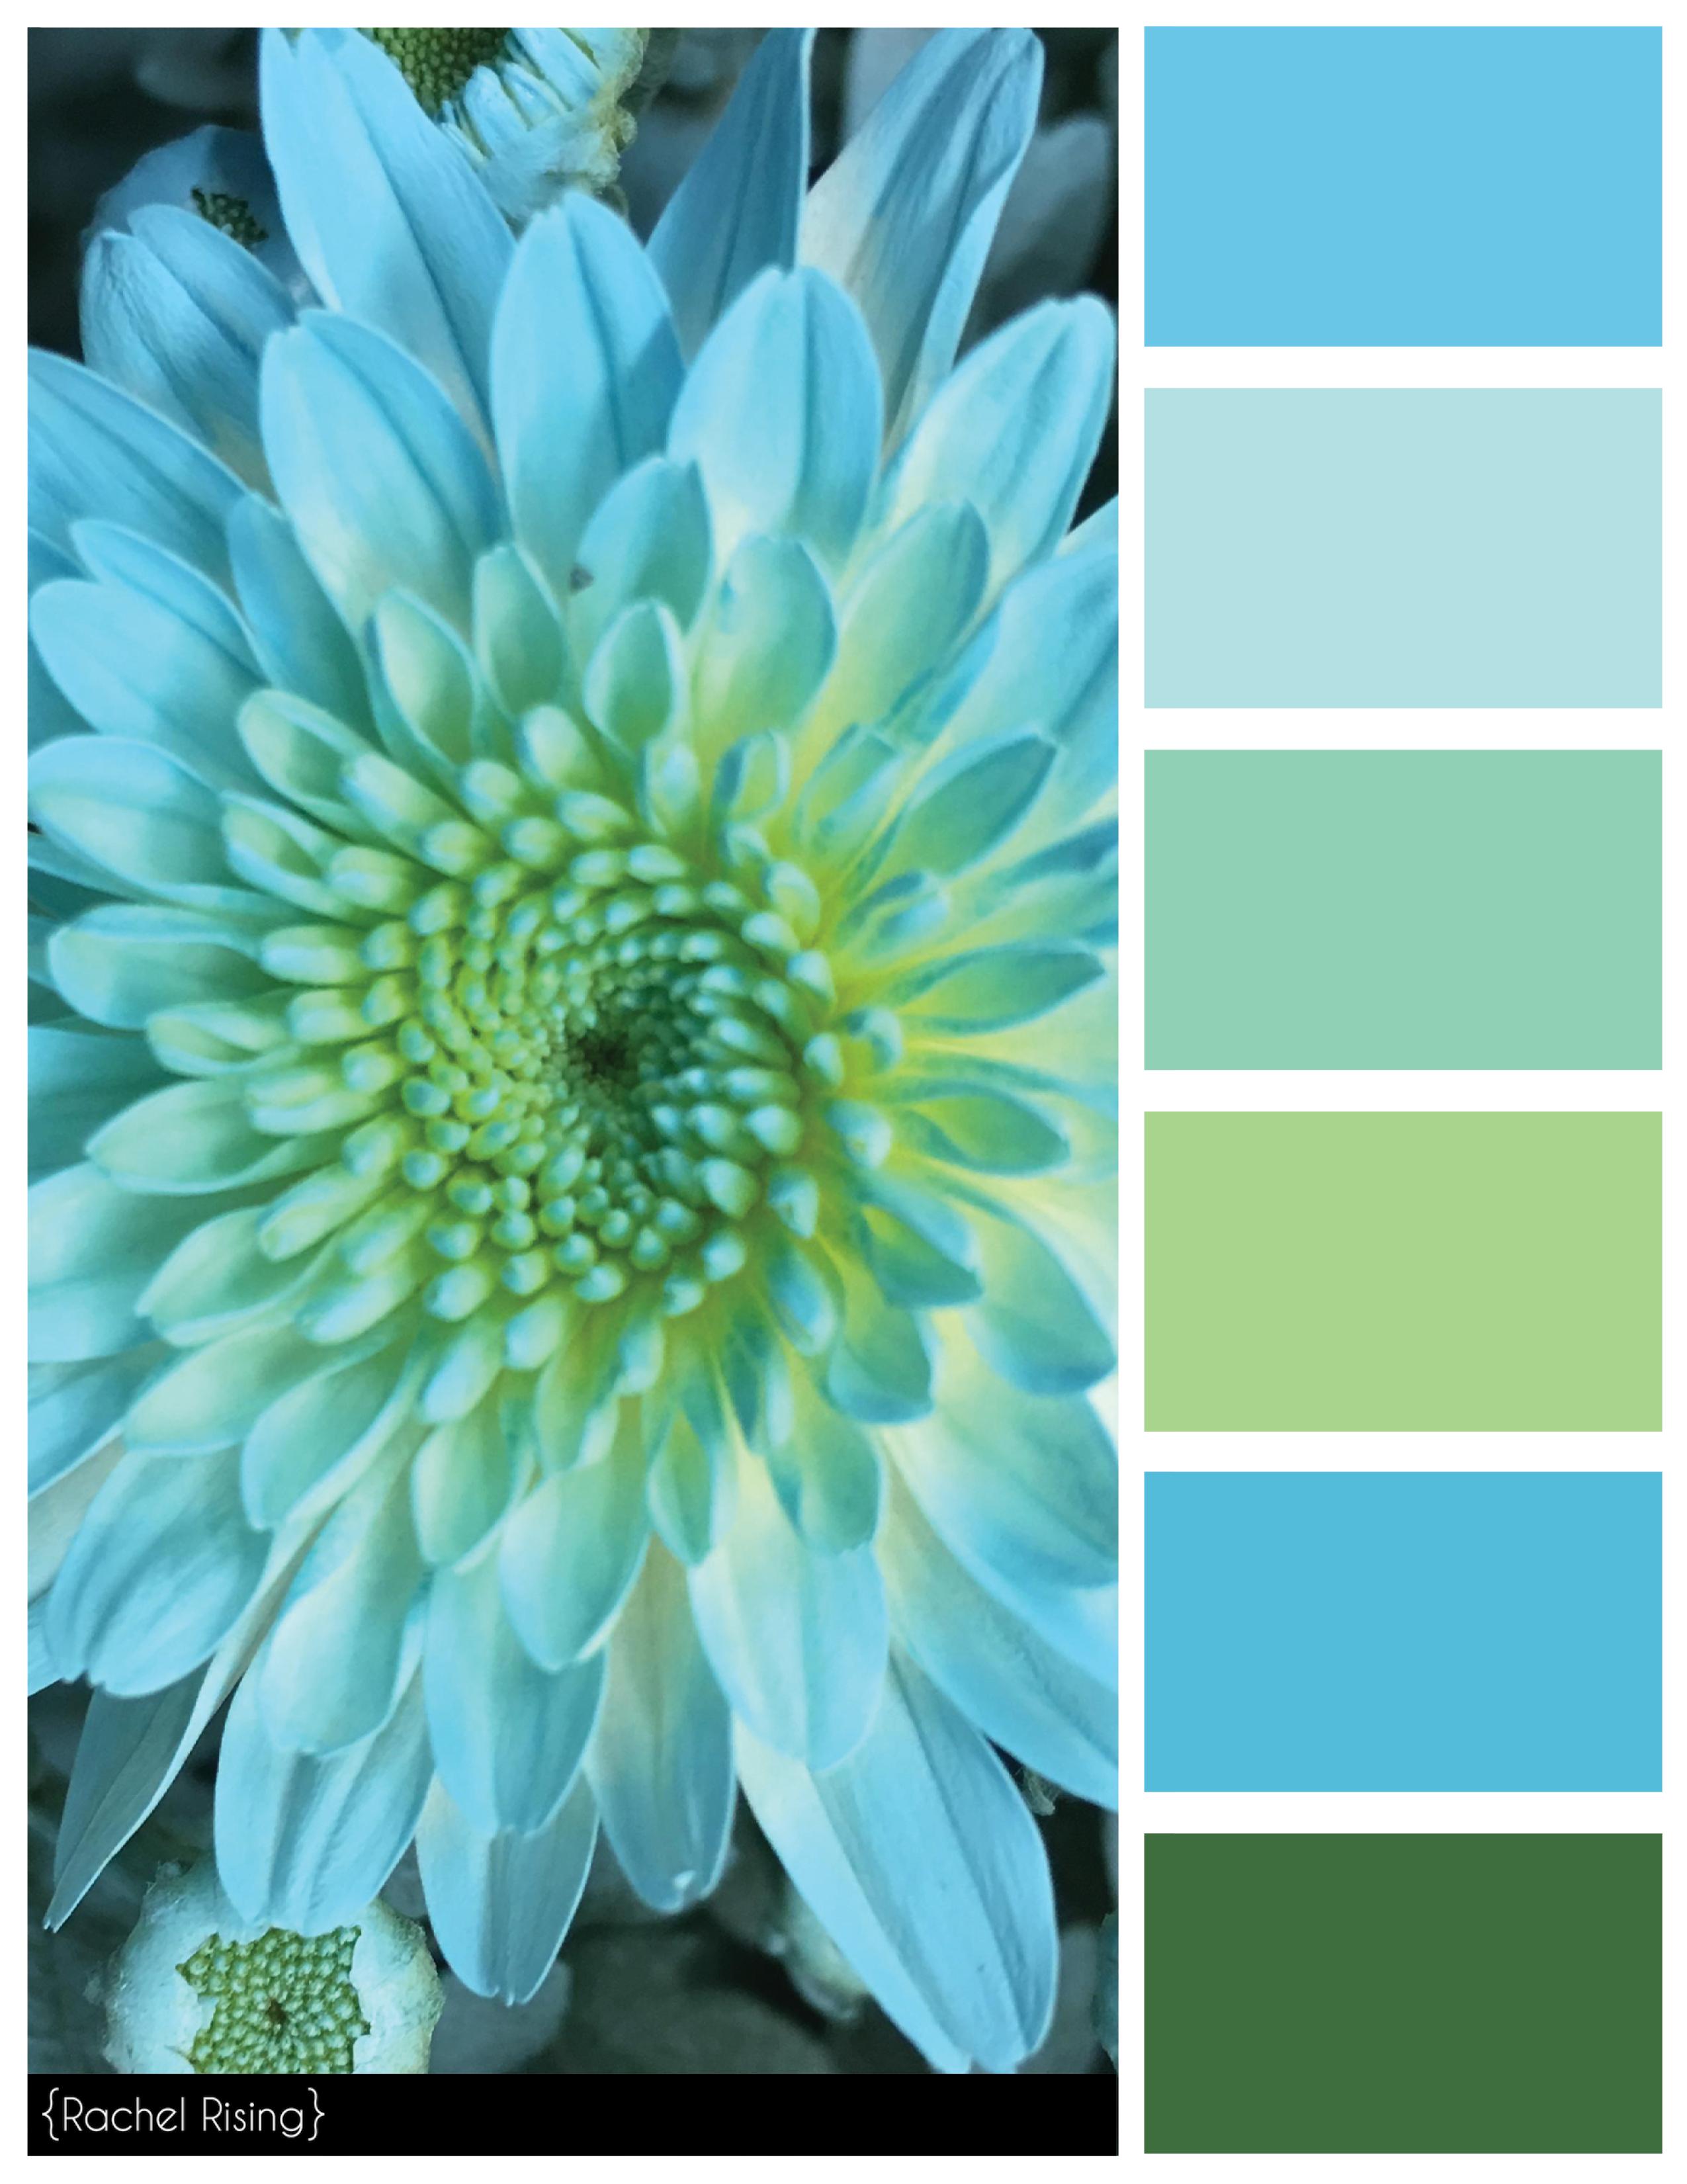 Rachelrisingdesign Color Schemes Colour Palettes